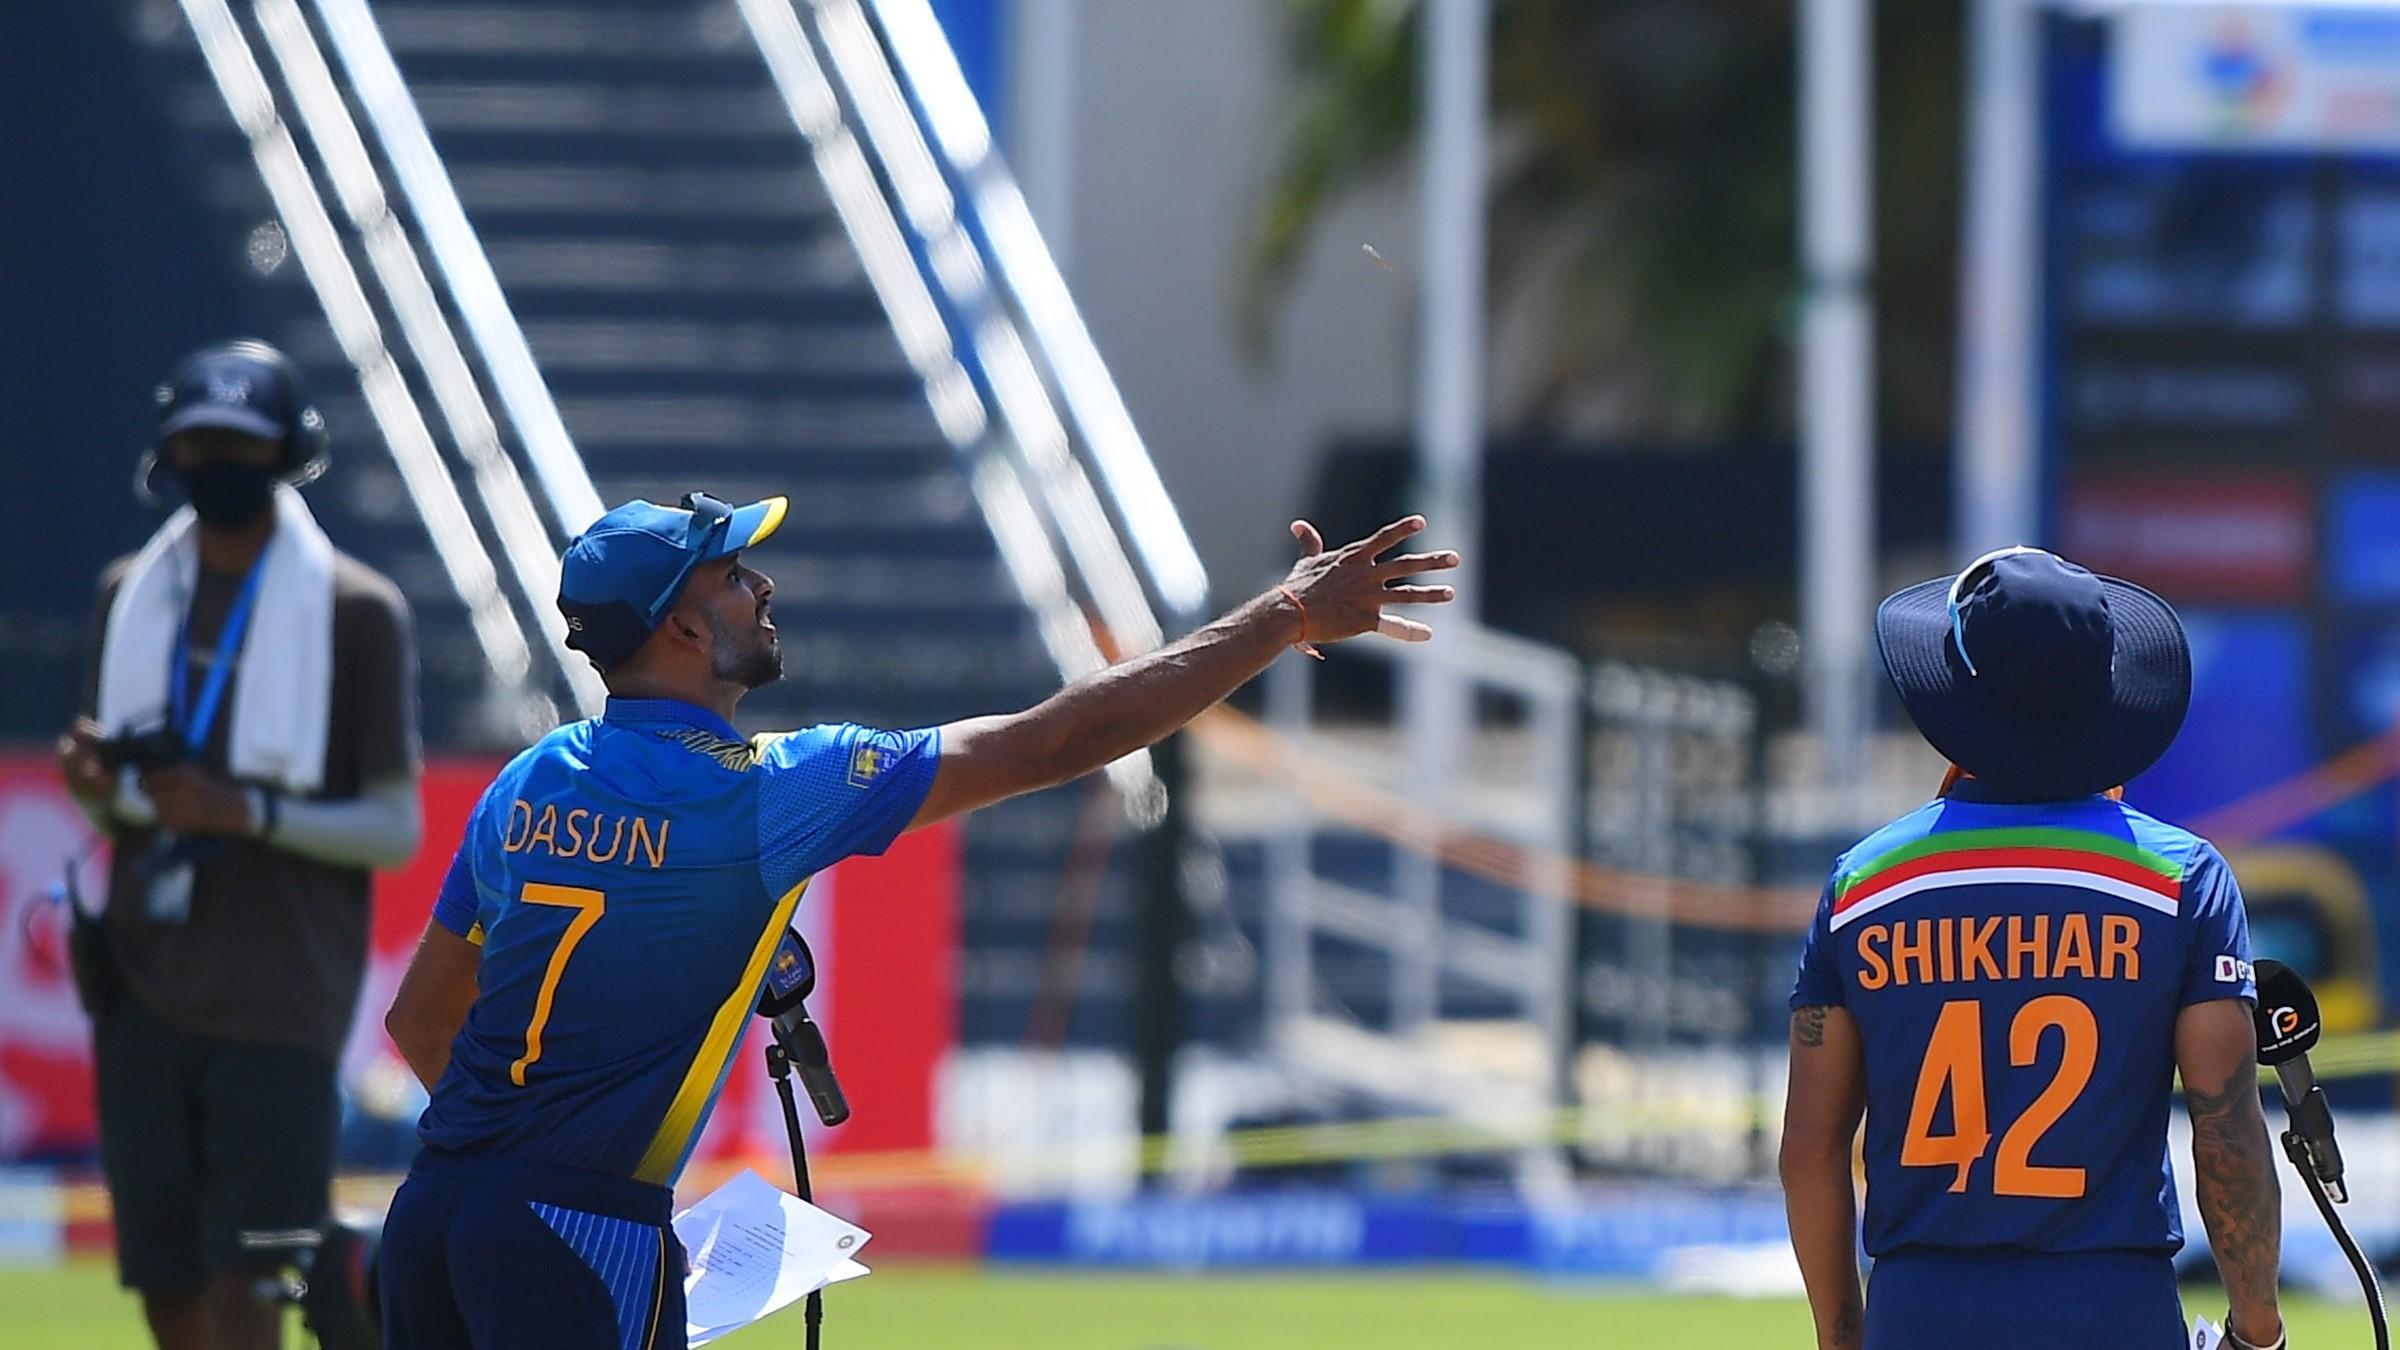 India vs Sri Lanka 2nd ODI: श्रीलंका ने जीता टॉस, पहले बल्लेबाजी का फैसला